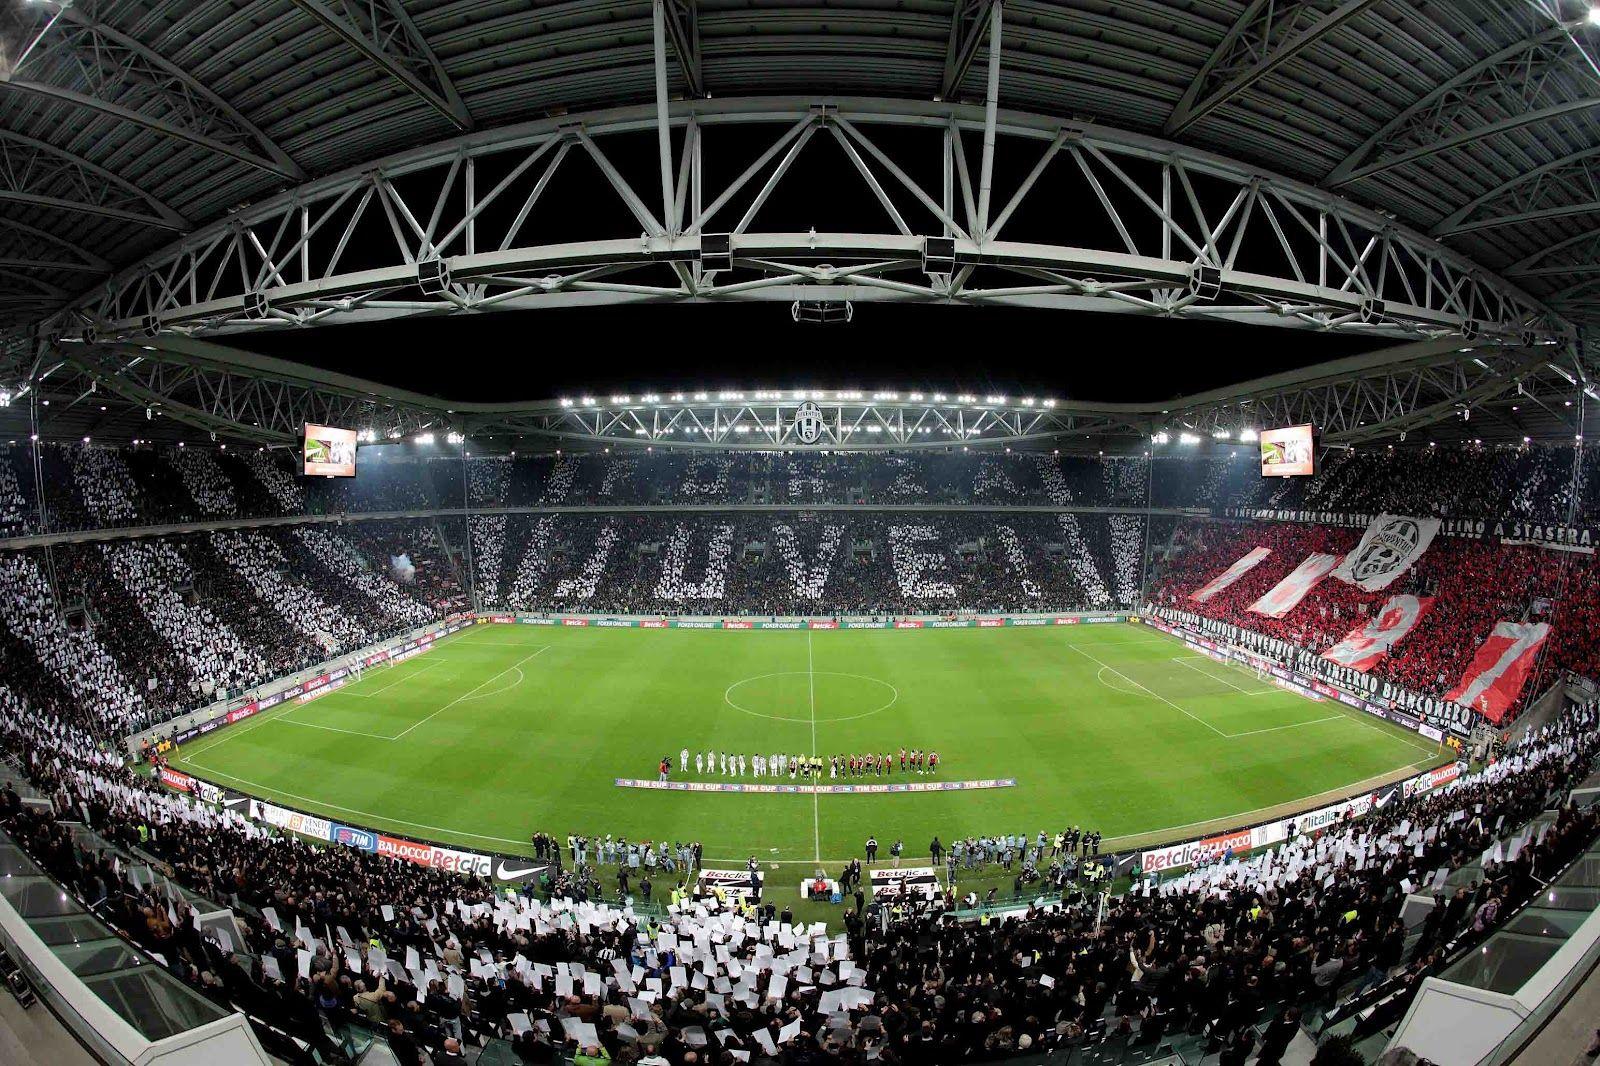 El Juventus Stadium de 41.254 espectadores es un estadio